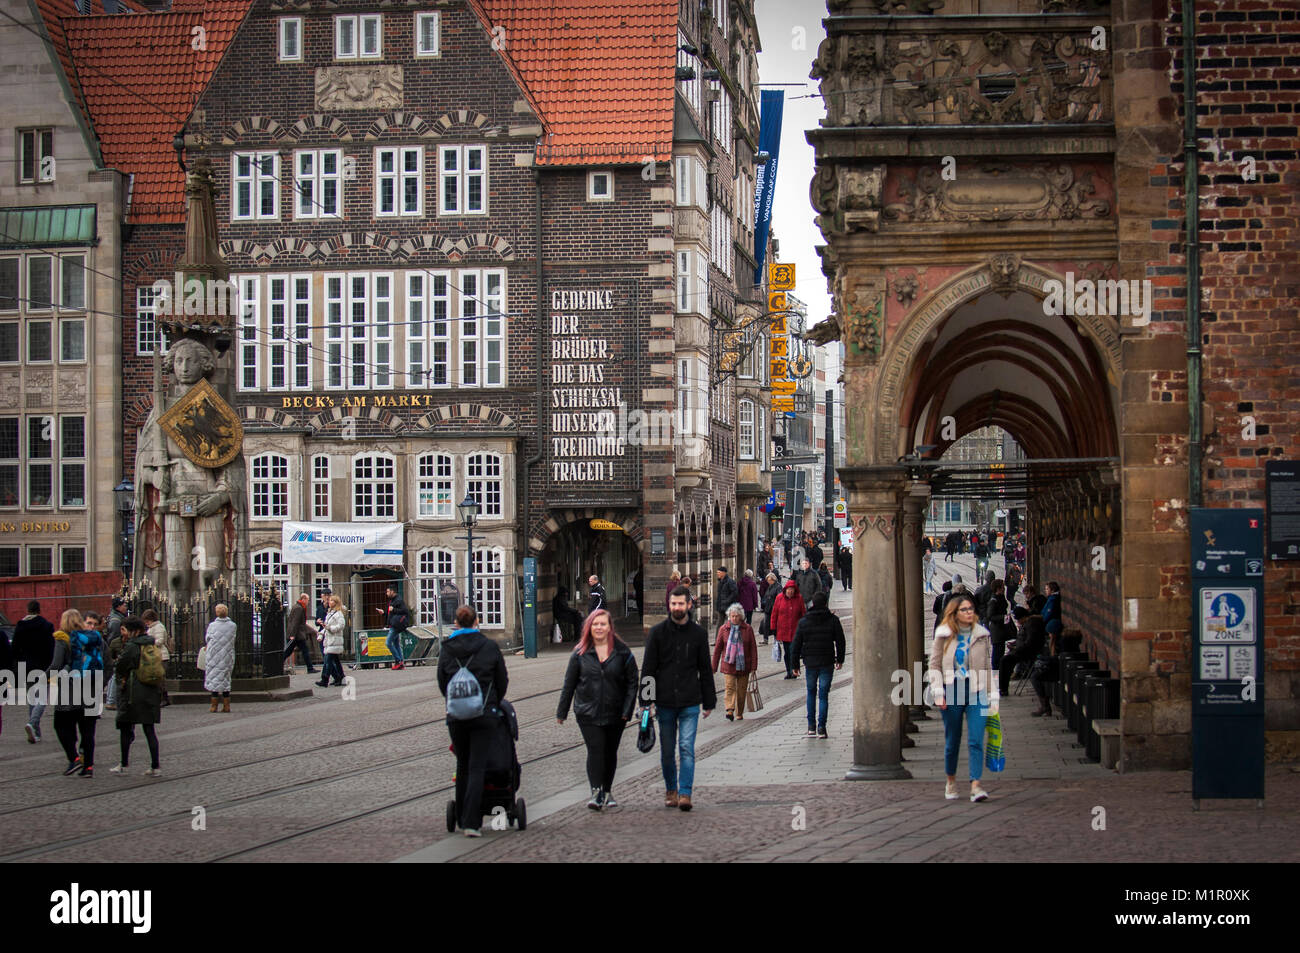 Das tägliche Leben an der am Markt, im historischen Zentrum von Bremen, Deutschland. Stockbild